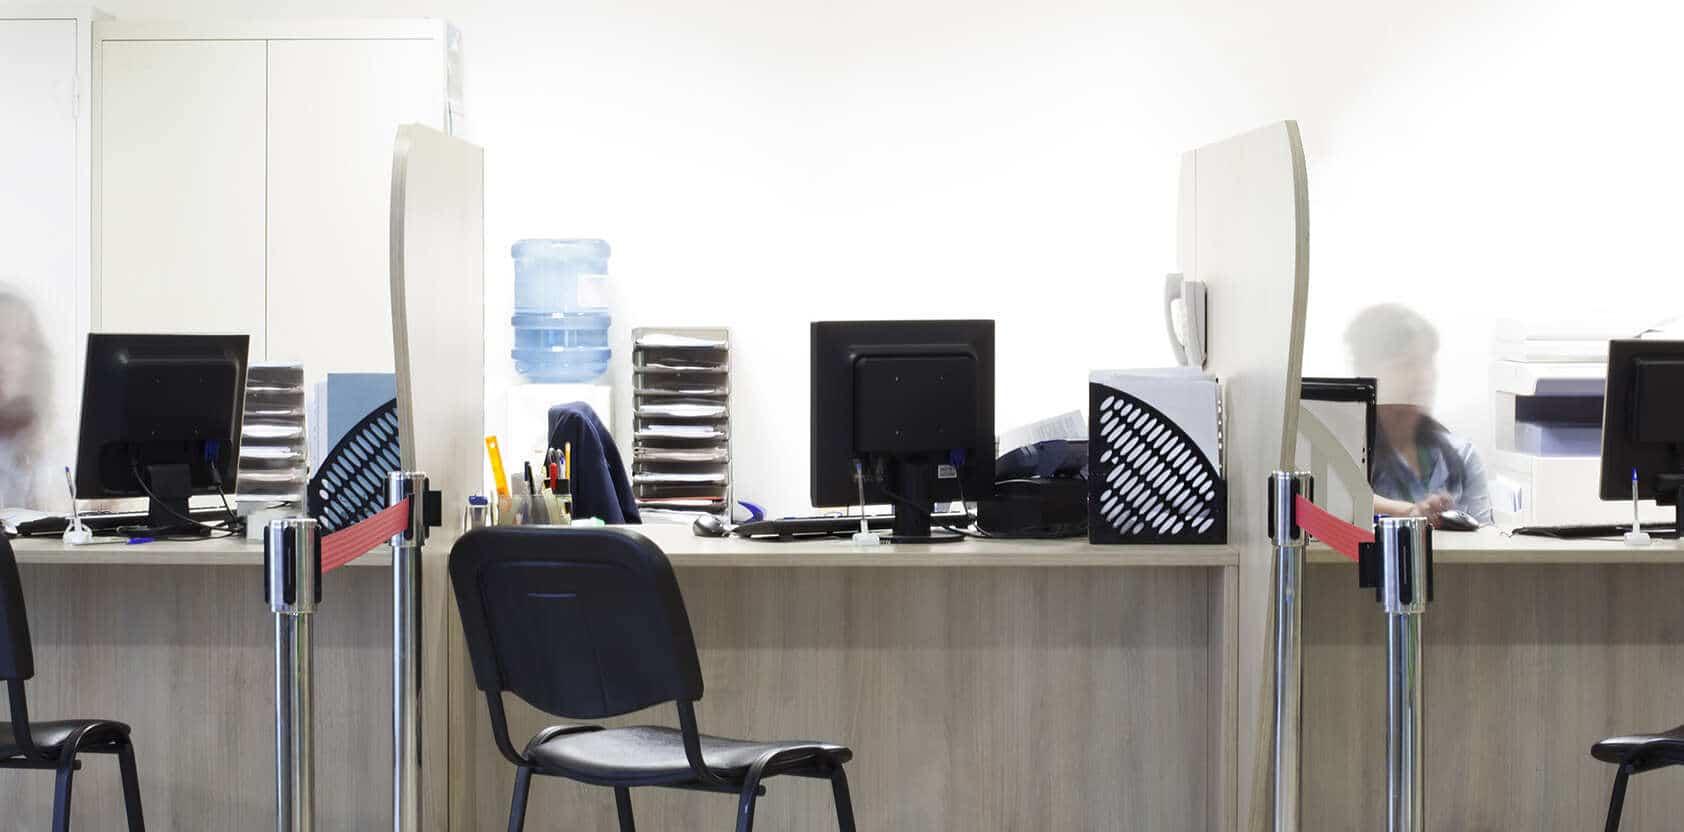 bureaux-reseaux-multisite